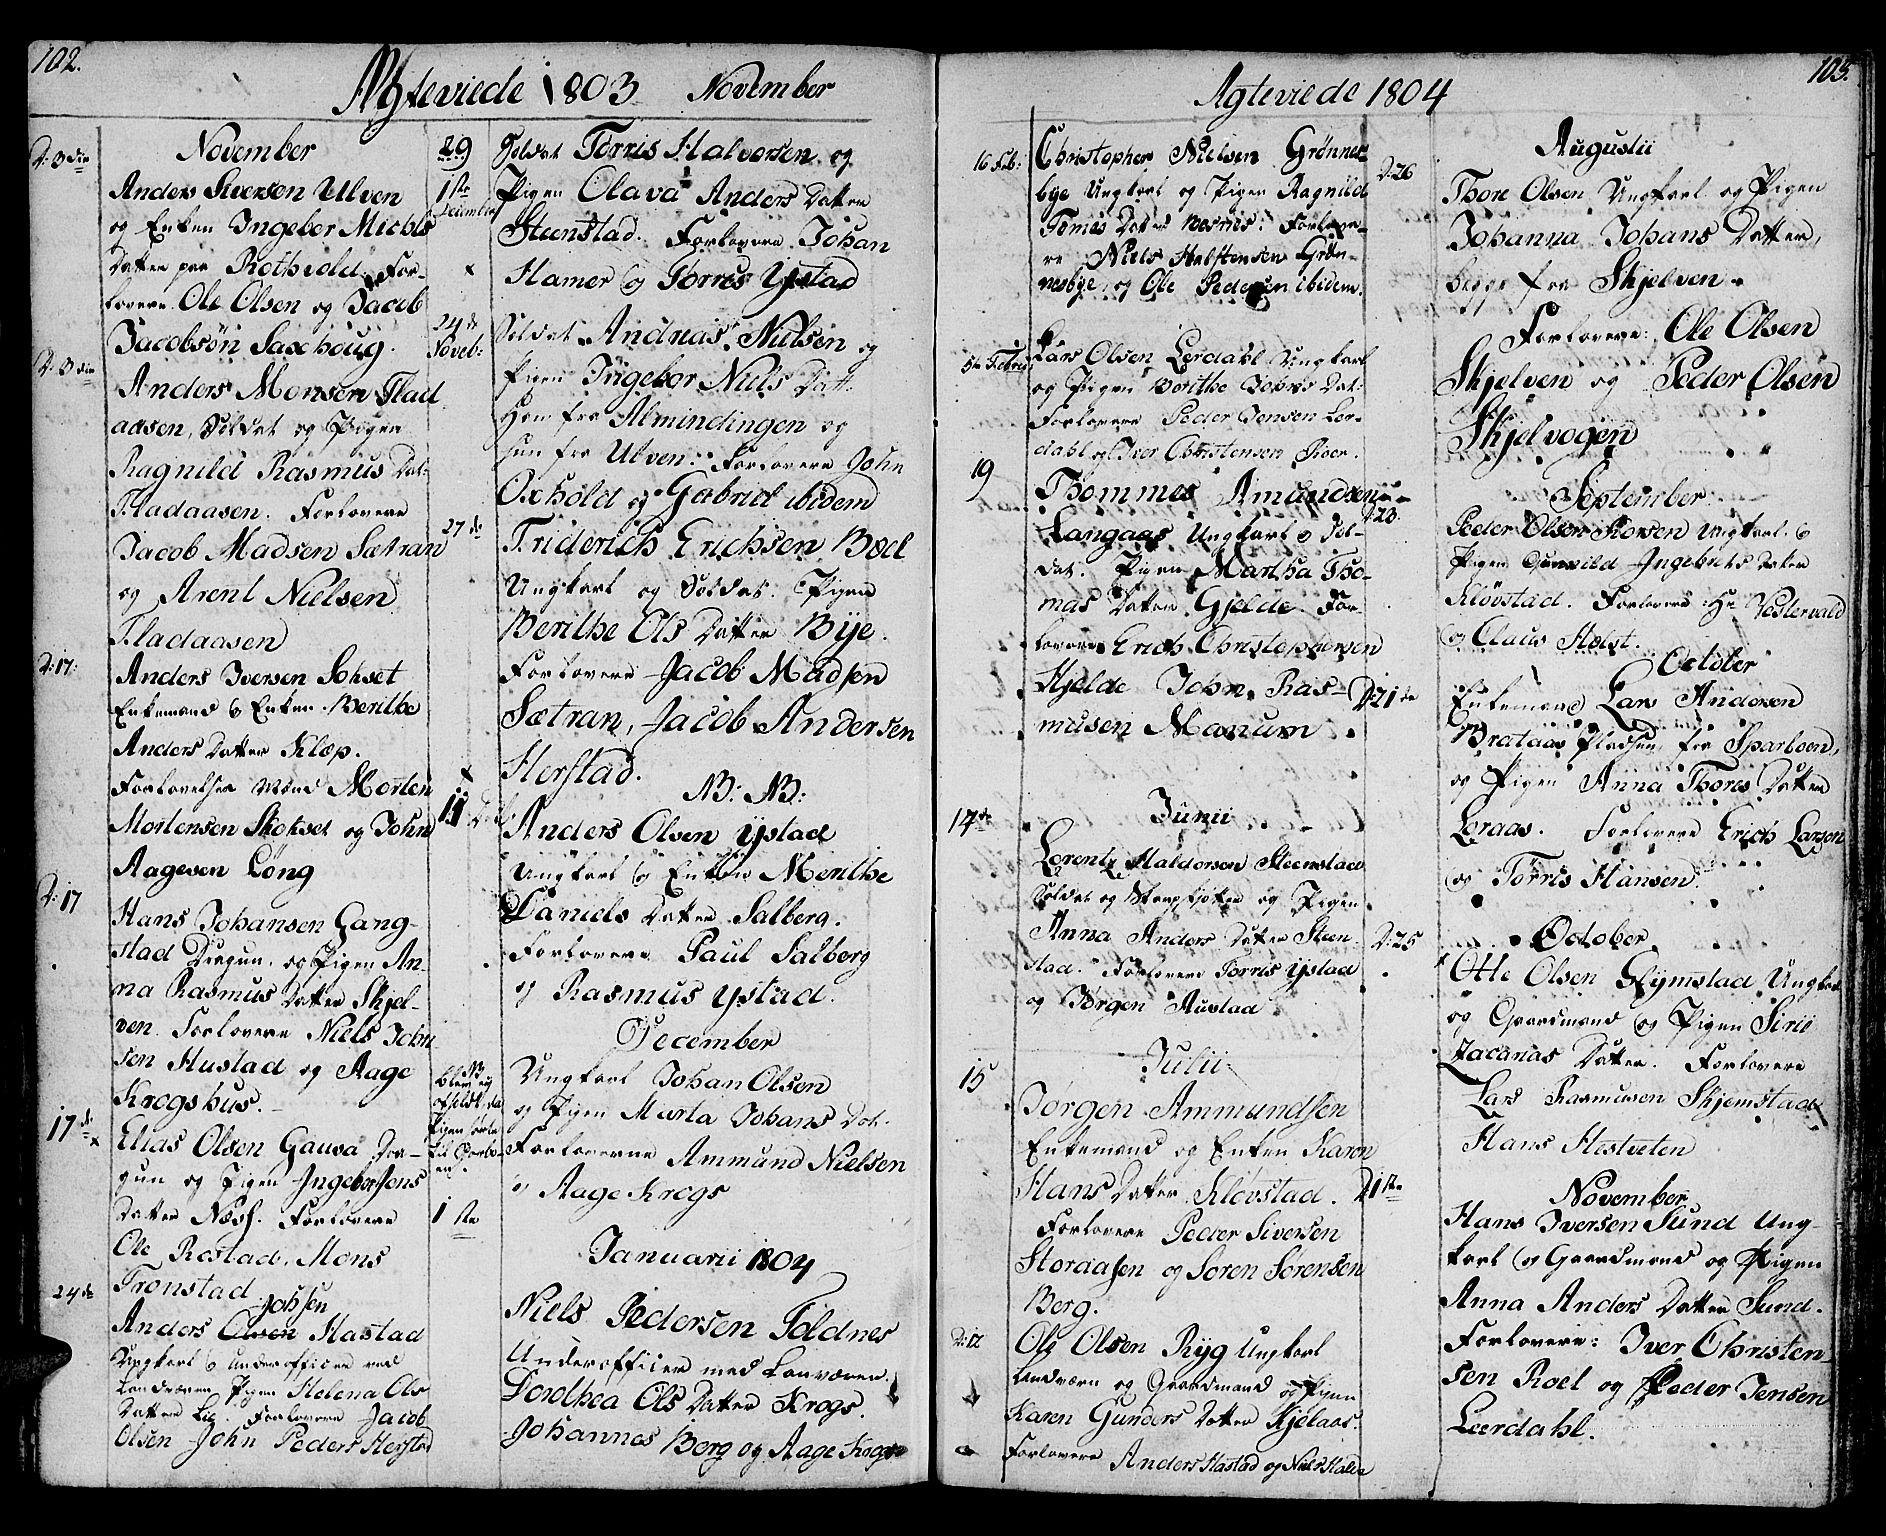 SAT, Ministerialprotokoller, klokkerbøker og fødselsregistre - Nord-Trøndelag, 730/L0274: Ministerialbok nr. 730A03, 1802-1816, s. 102-103